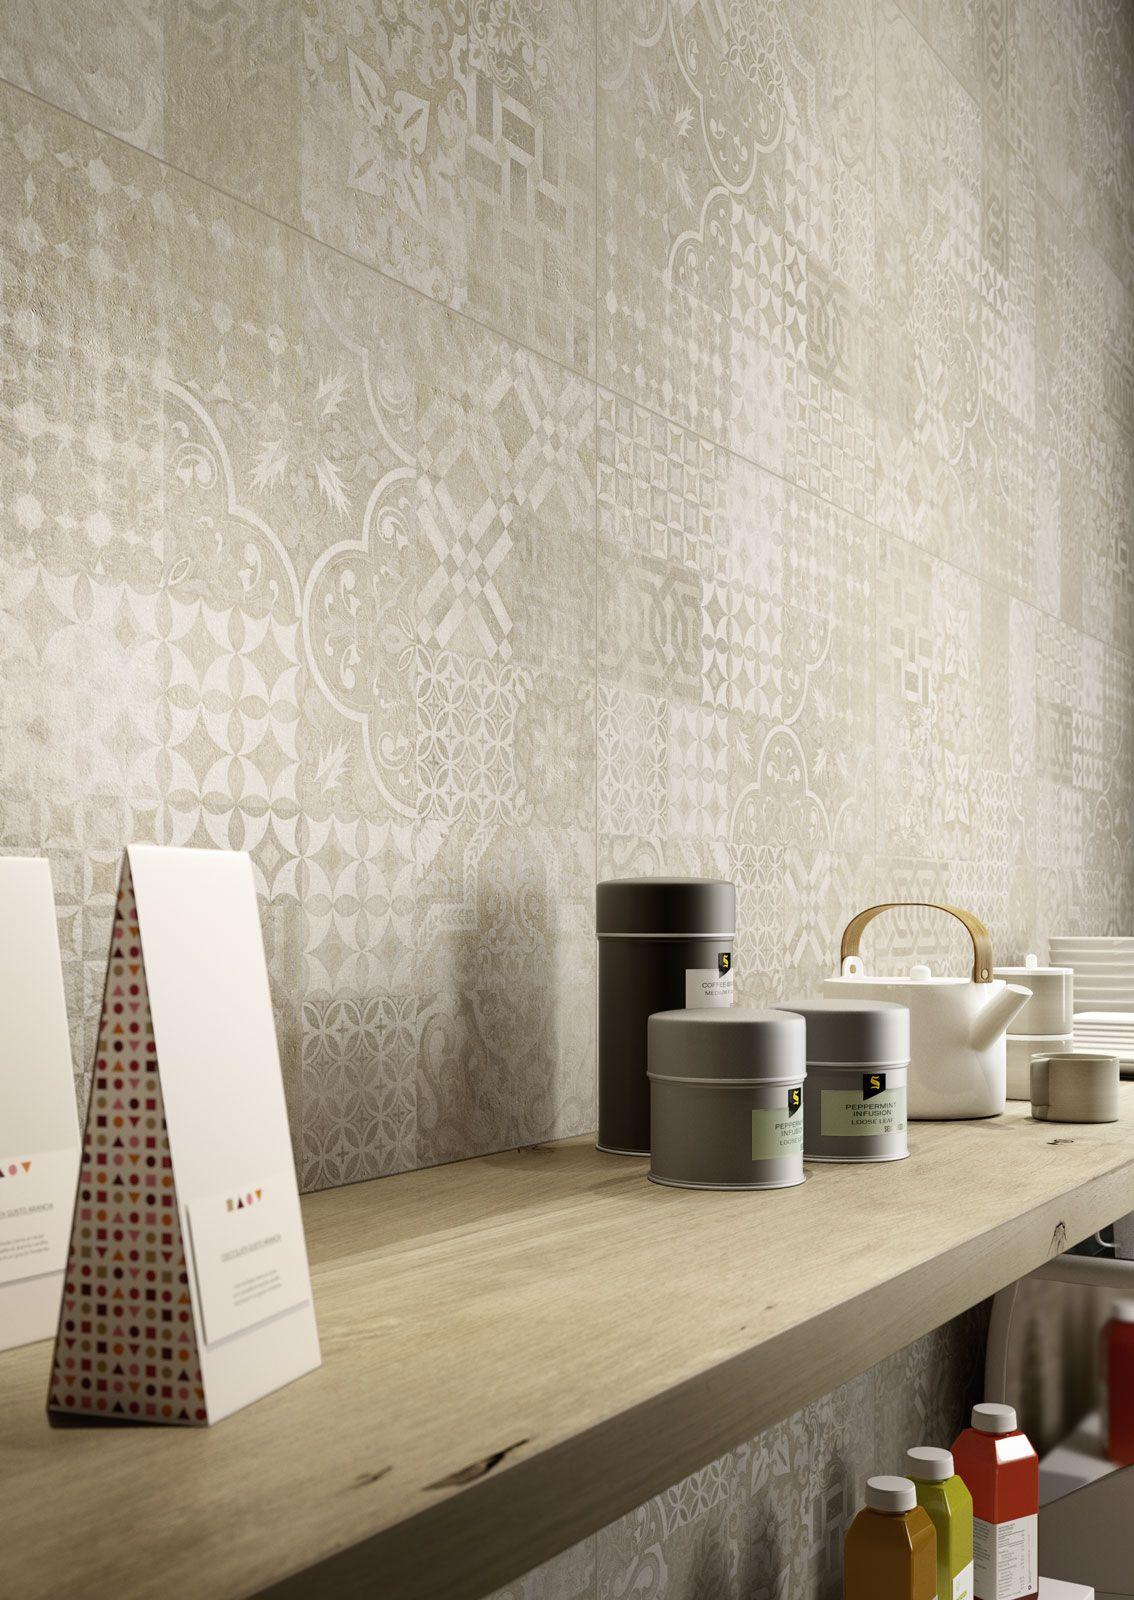 Scegliere le piastrelle per la cucina: Plaster Pavimentazione Moderna Piastrelle Cucina Decorazioni